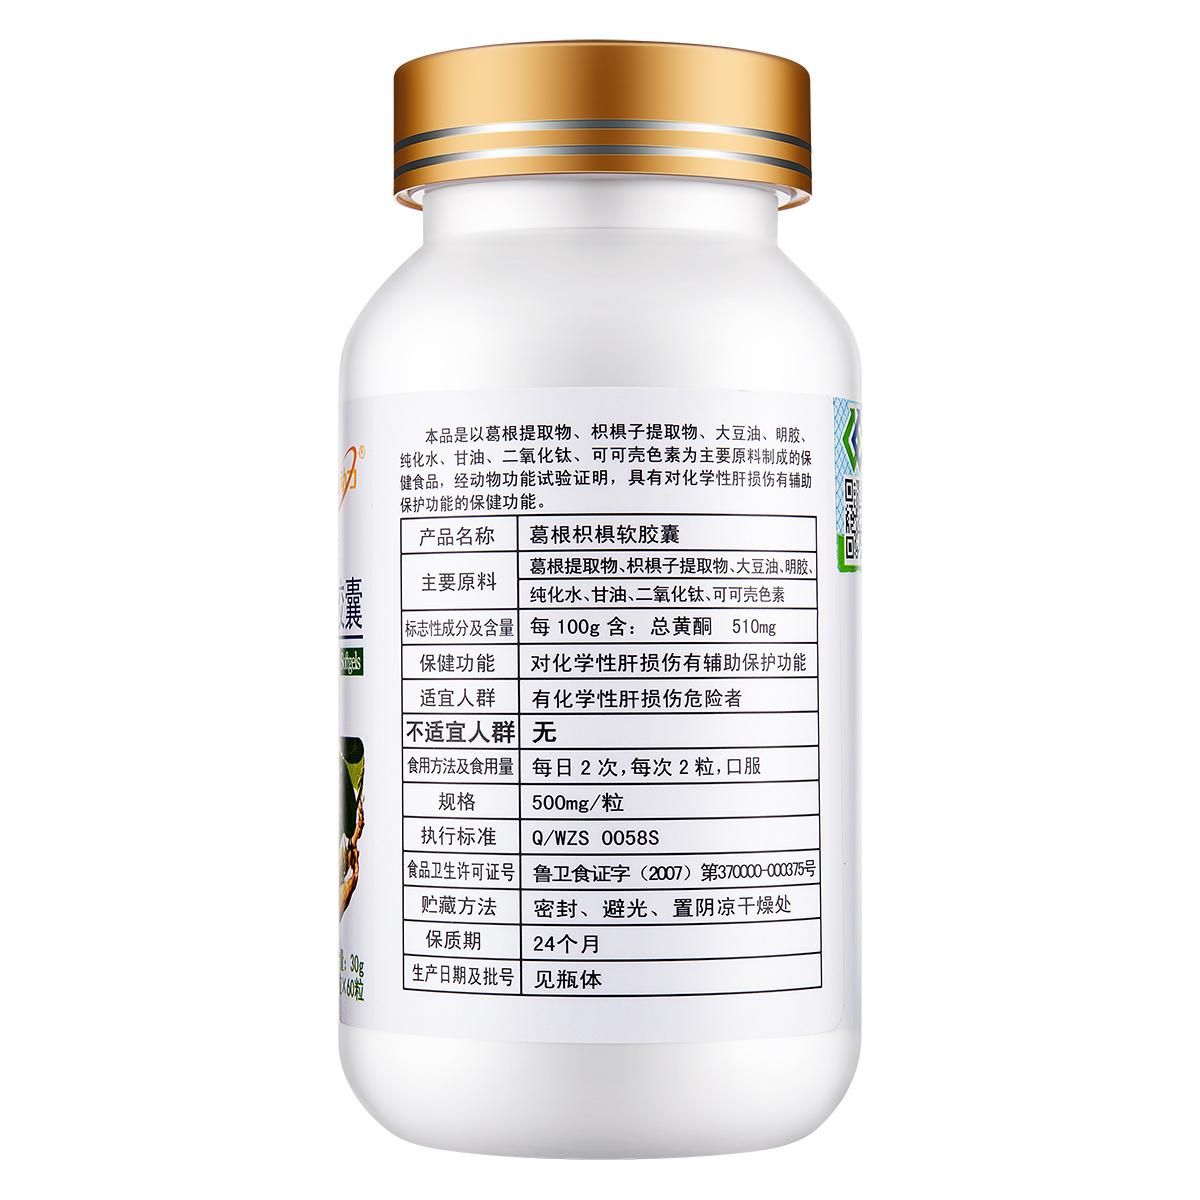 金动力葛根枳椇软胶囊180粒正品护肝营养保健品可搭配醒酒解酒药